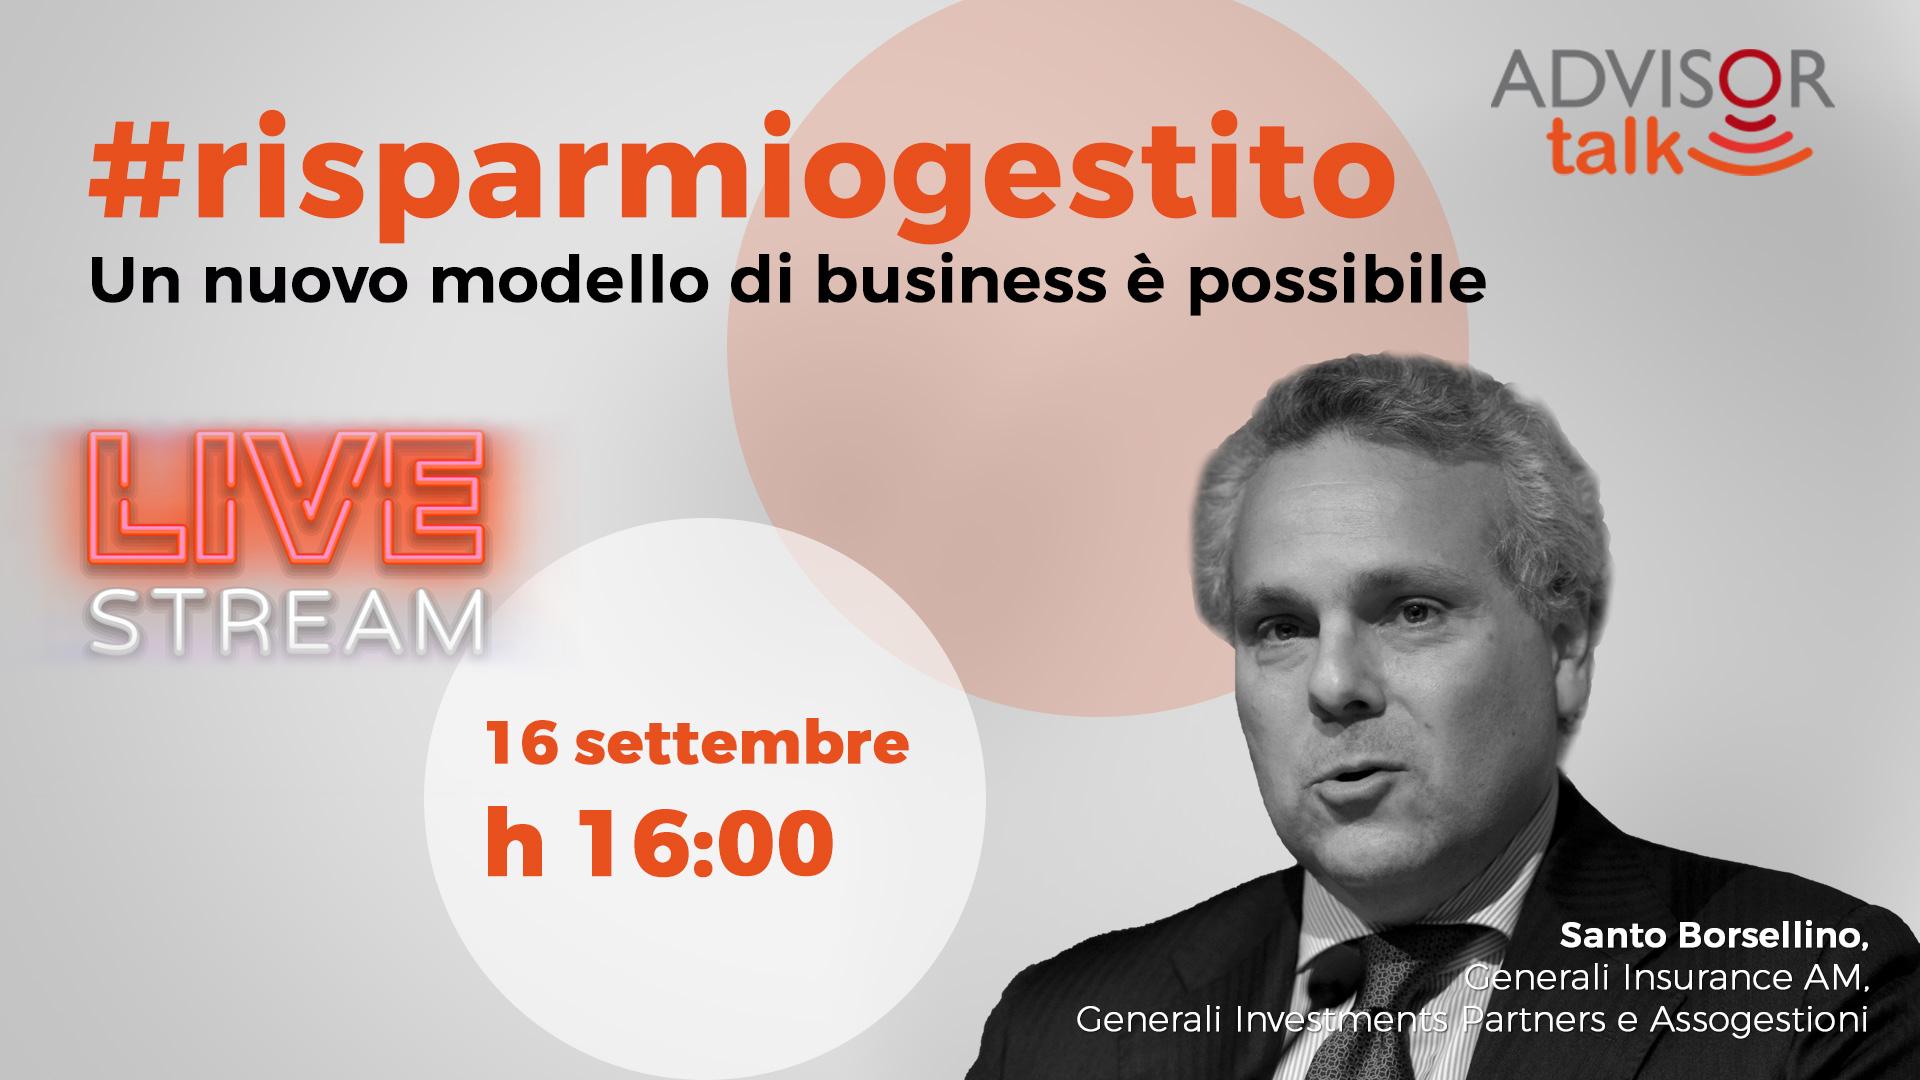 #risparmiogestito - Un nuovo modello di business è possibile